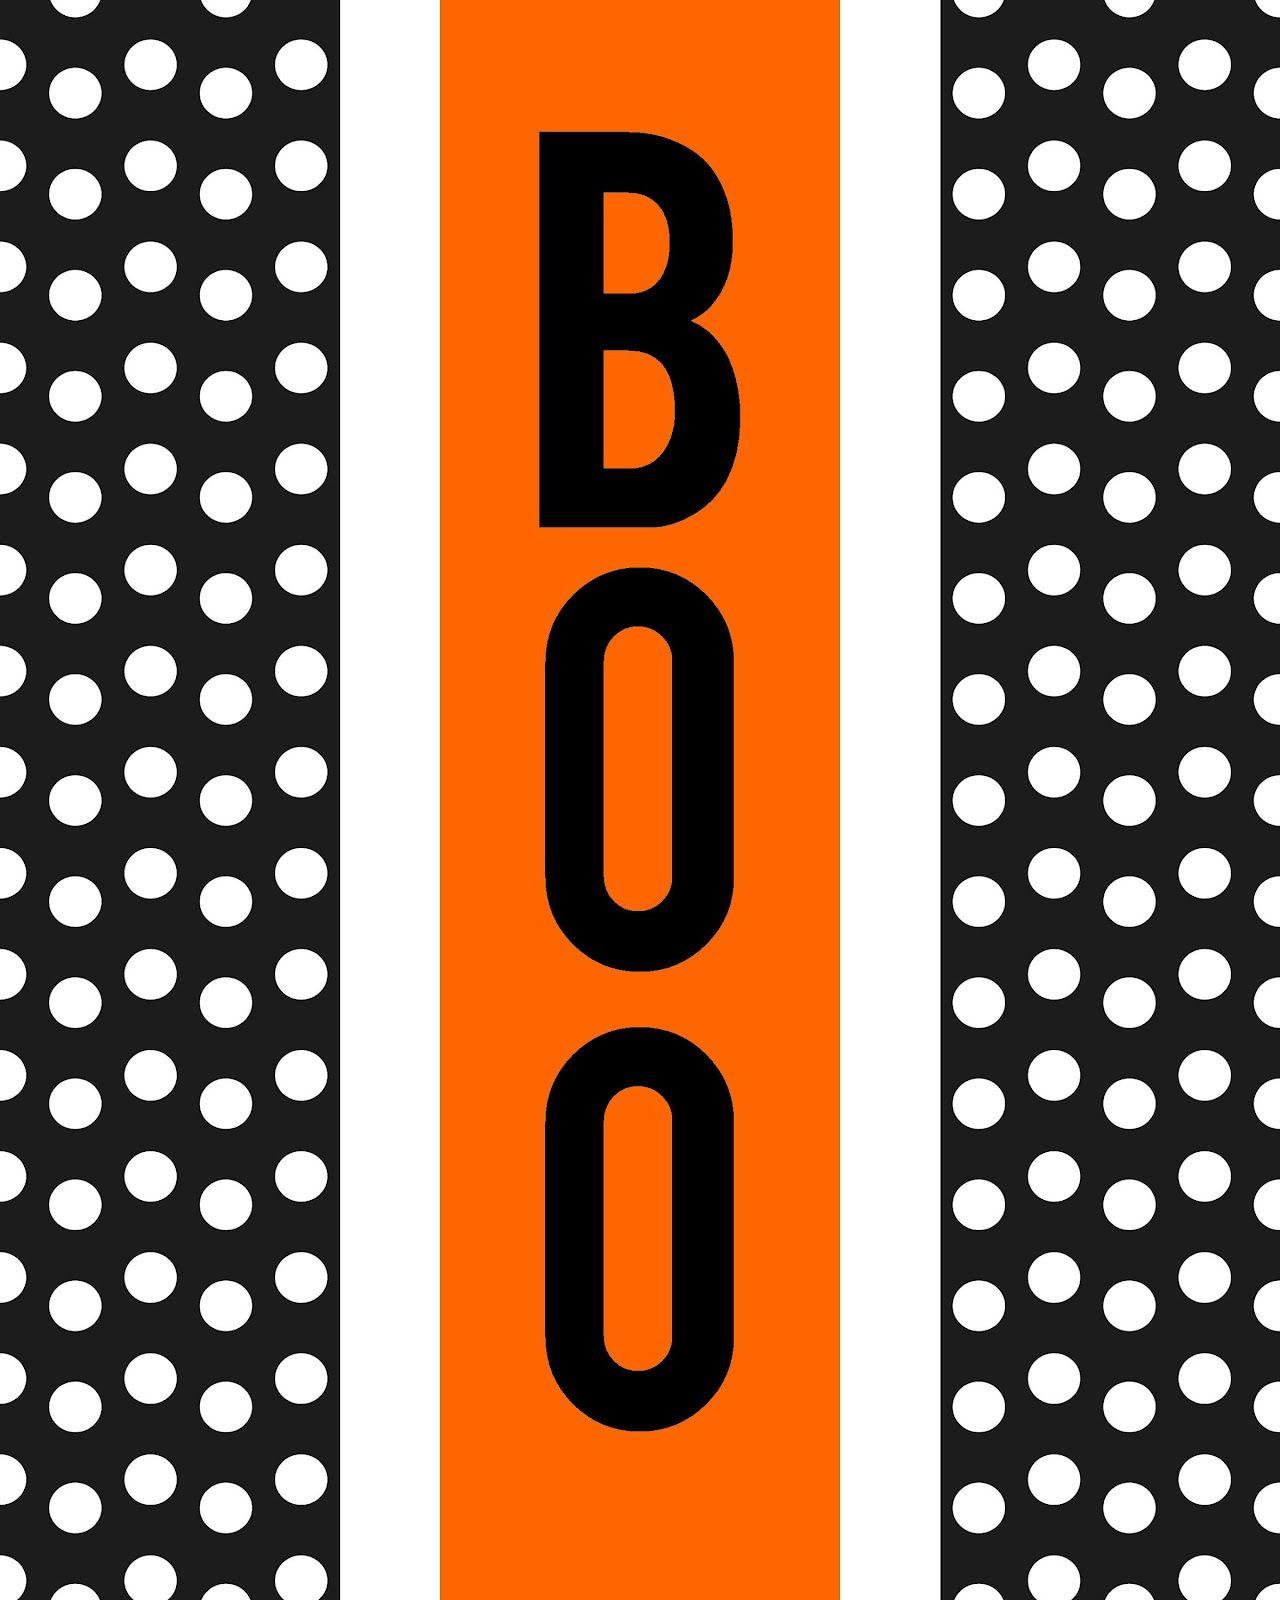 Boo & Eek Printables